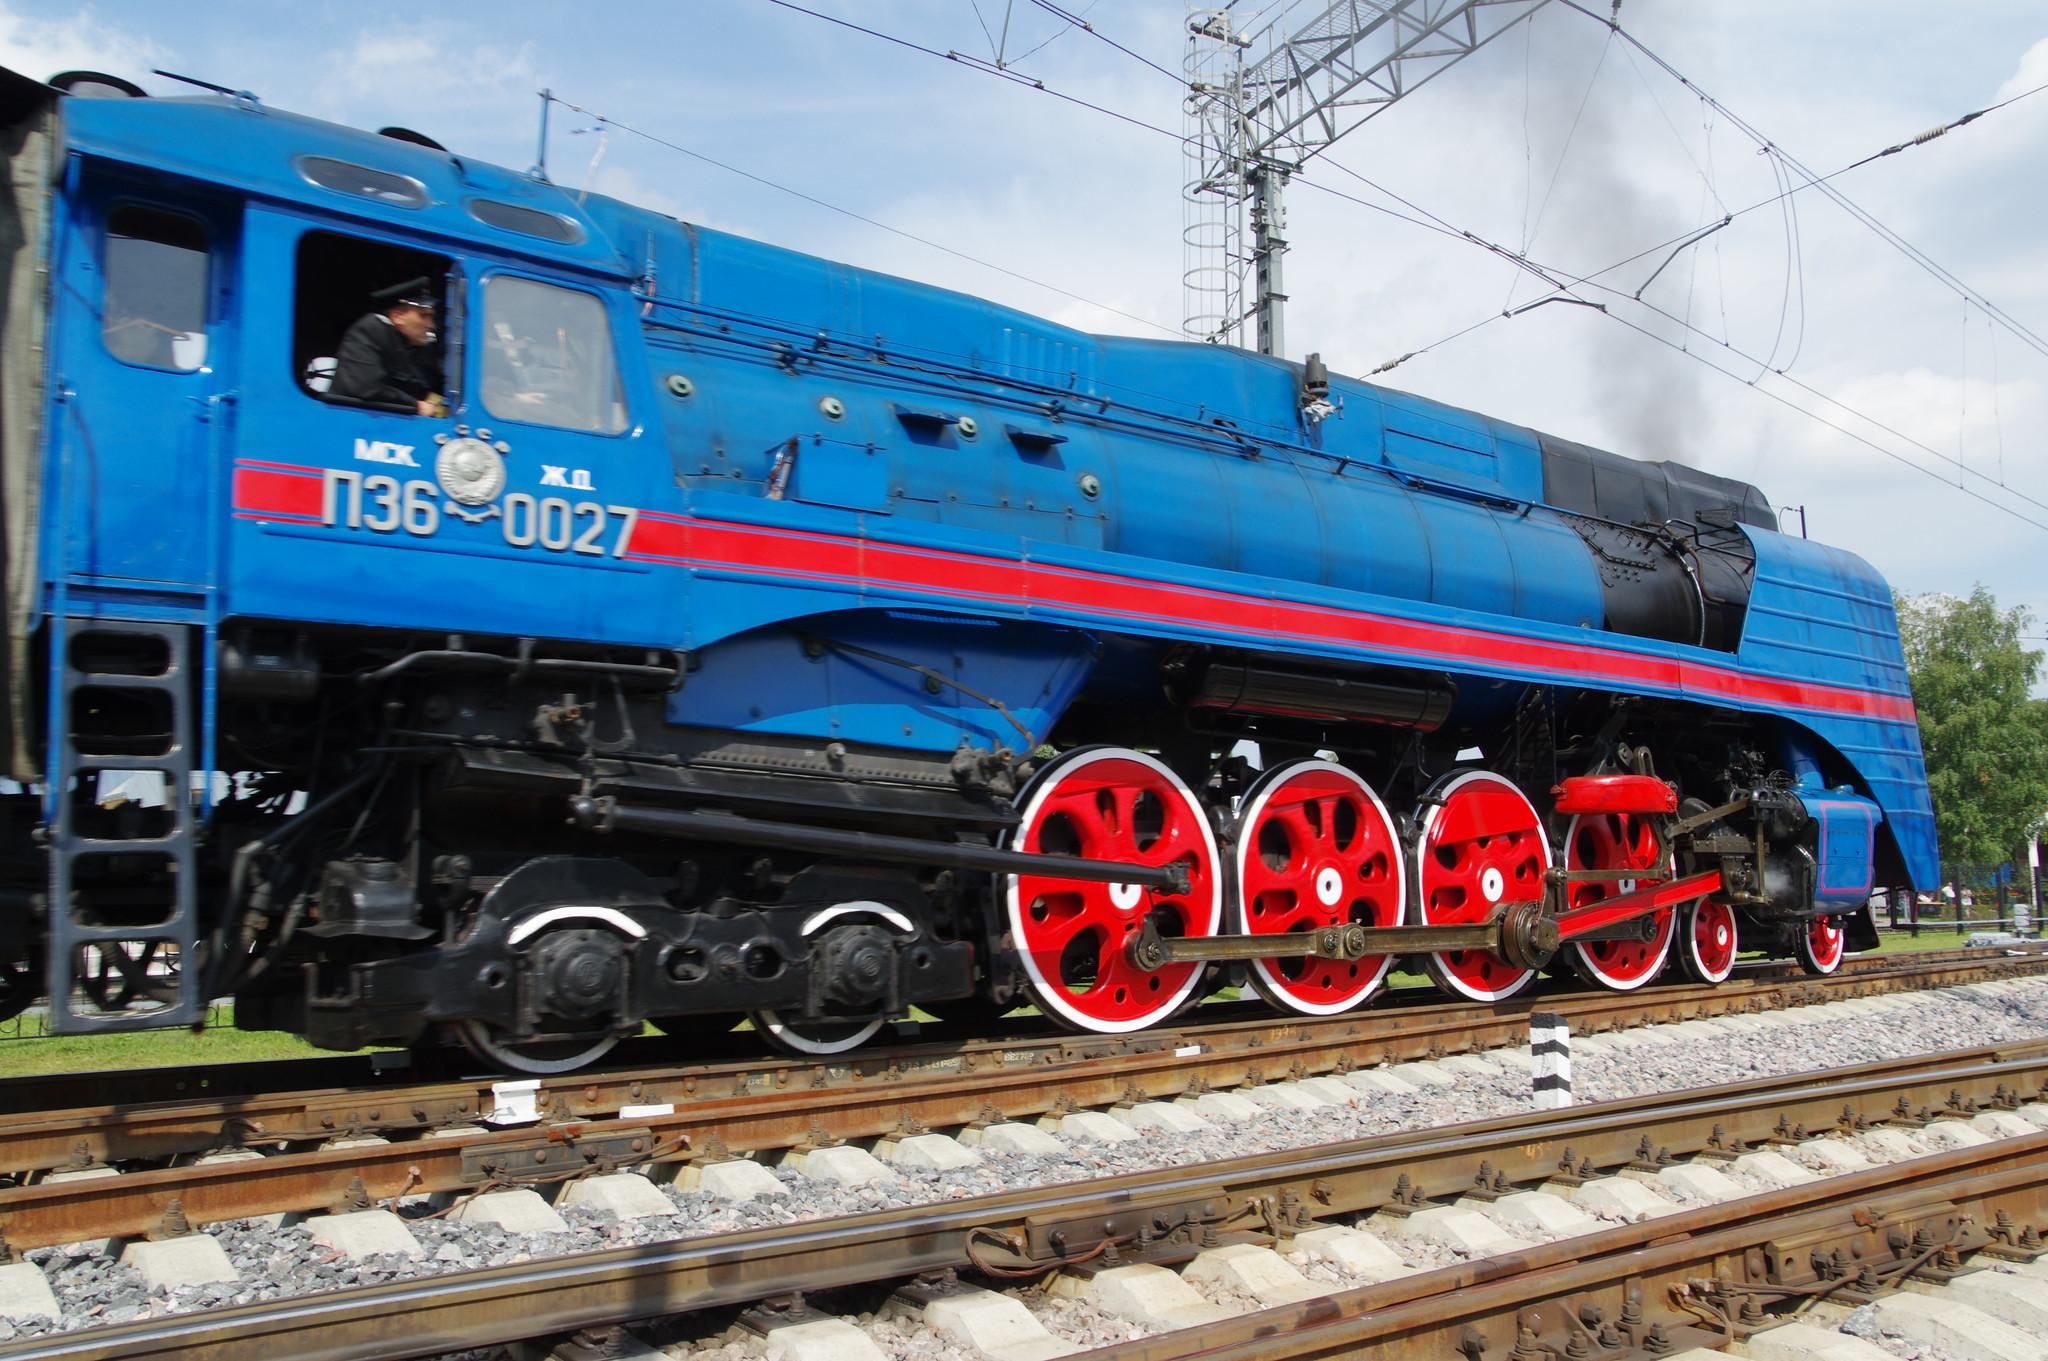 Магистральный пассажирский паровоз П36-0027